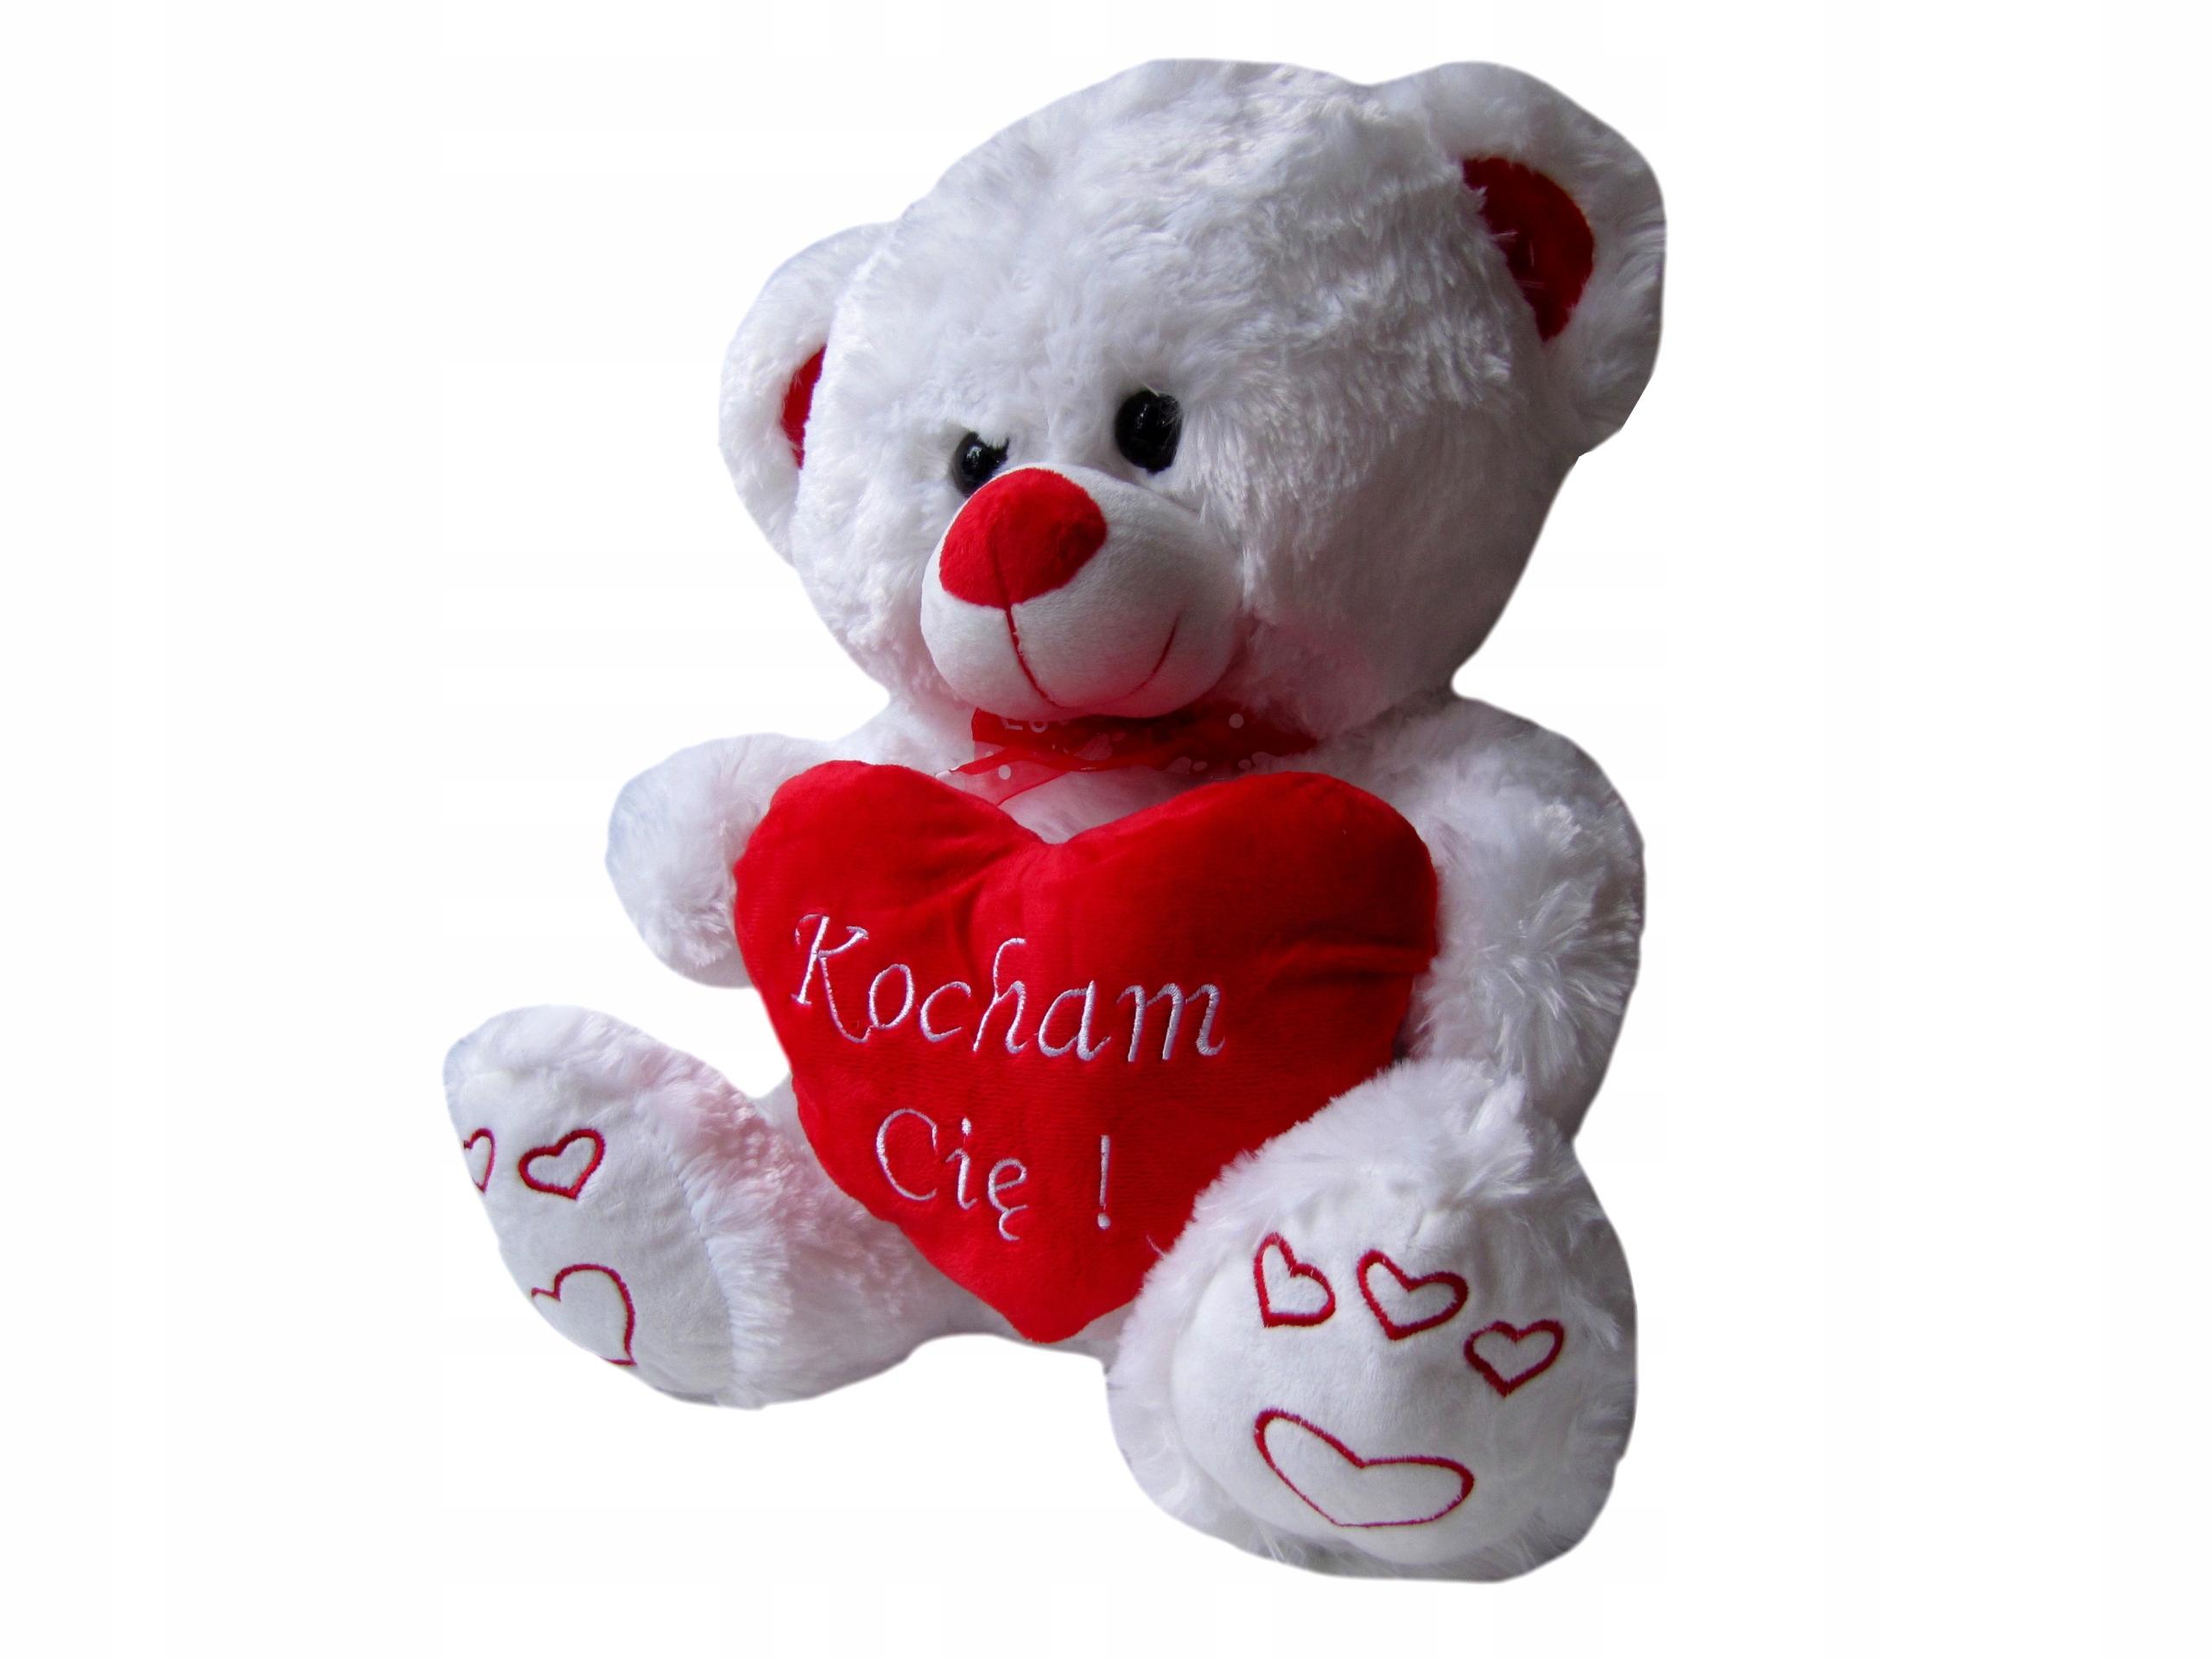 Duzy Mis Pluszowy Serce Kocham Cie Na Walentynki 7799297570 Allegro Pl